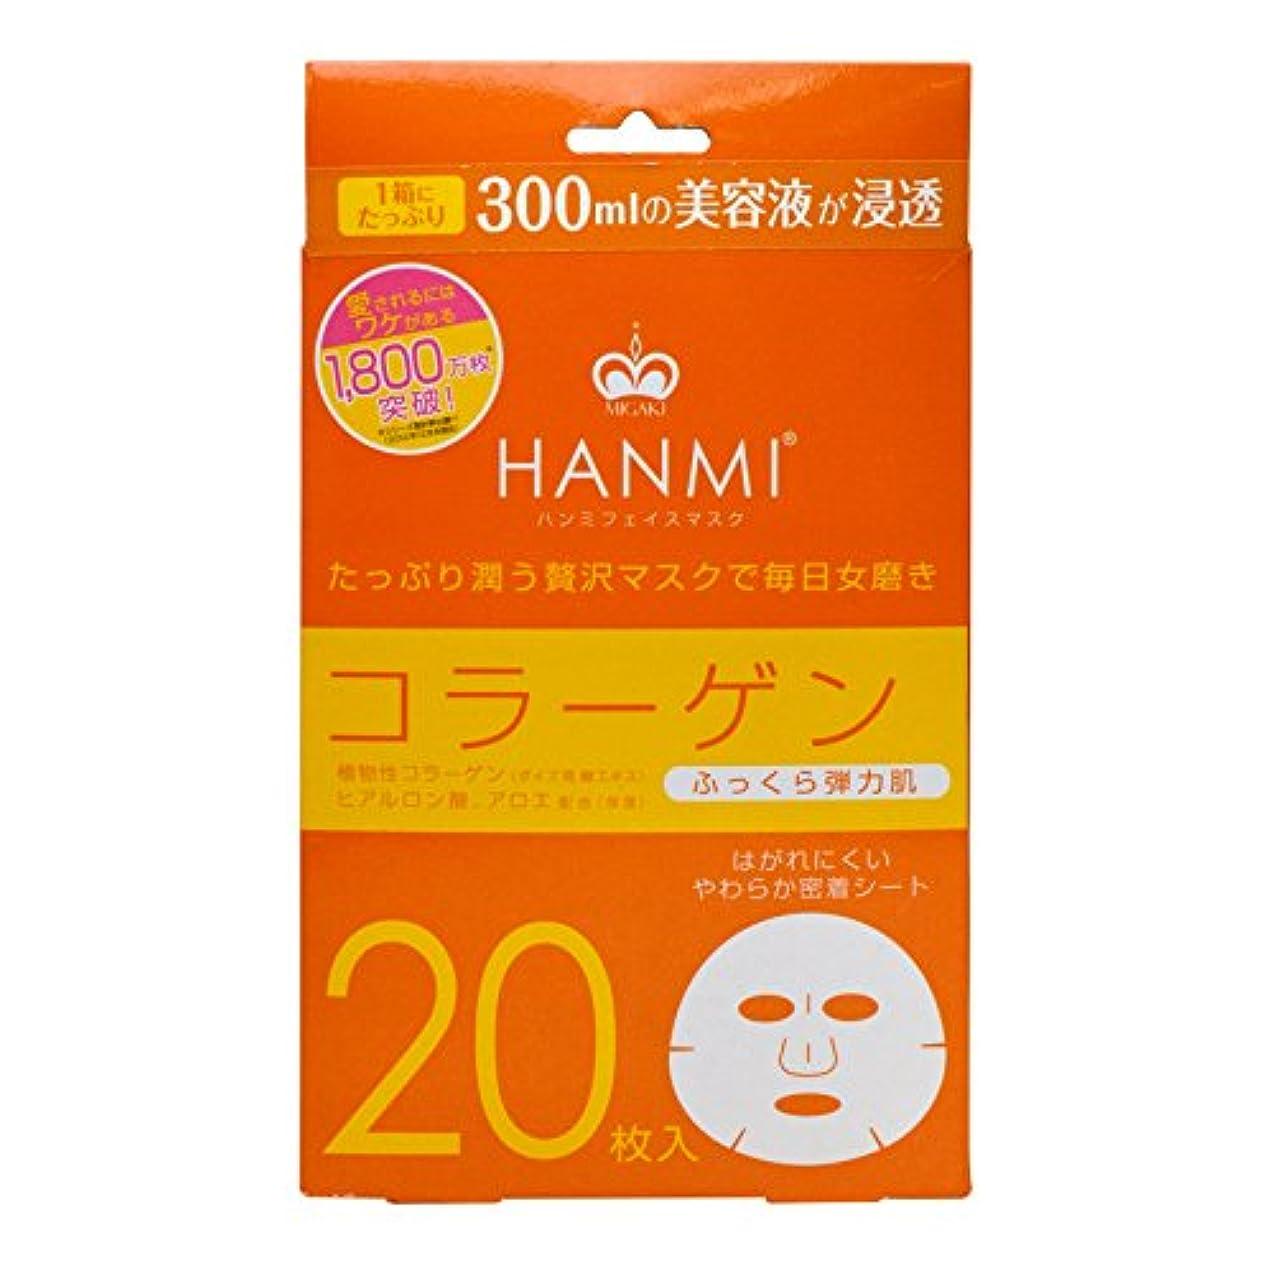 まばたき交流するとても多くのMIGAKI ハンミフェイスマスク コラーゲン 20枚入り